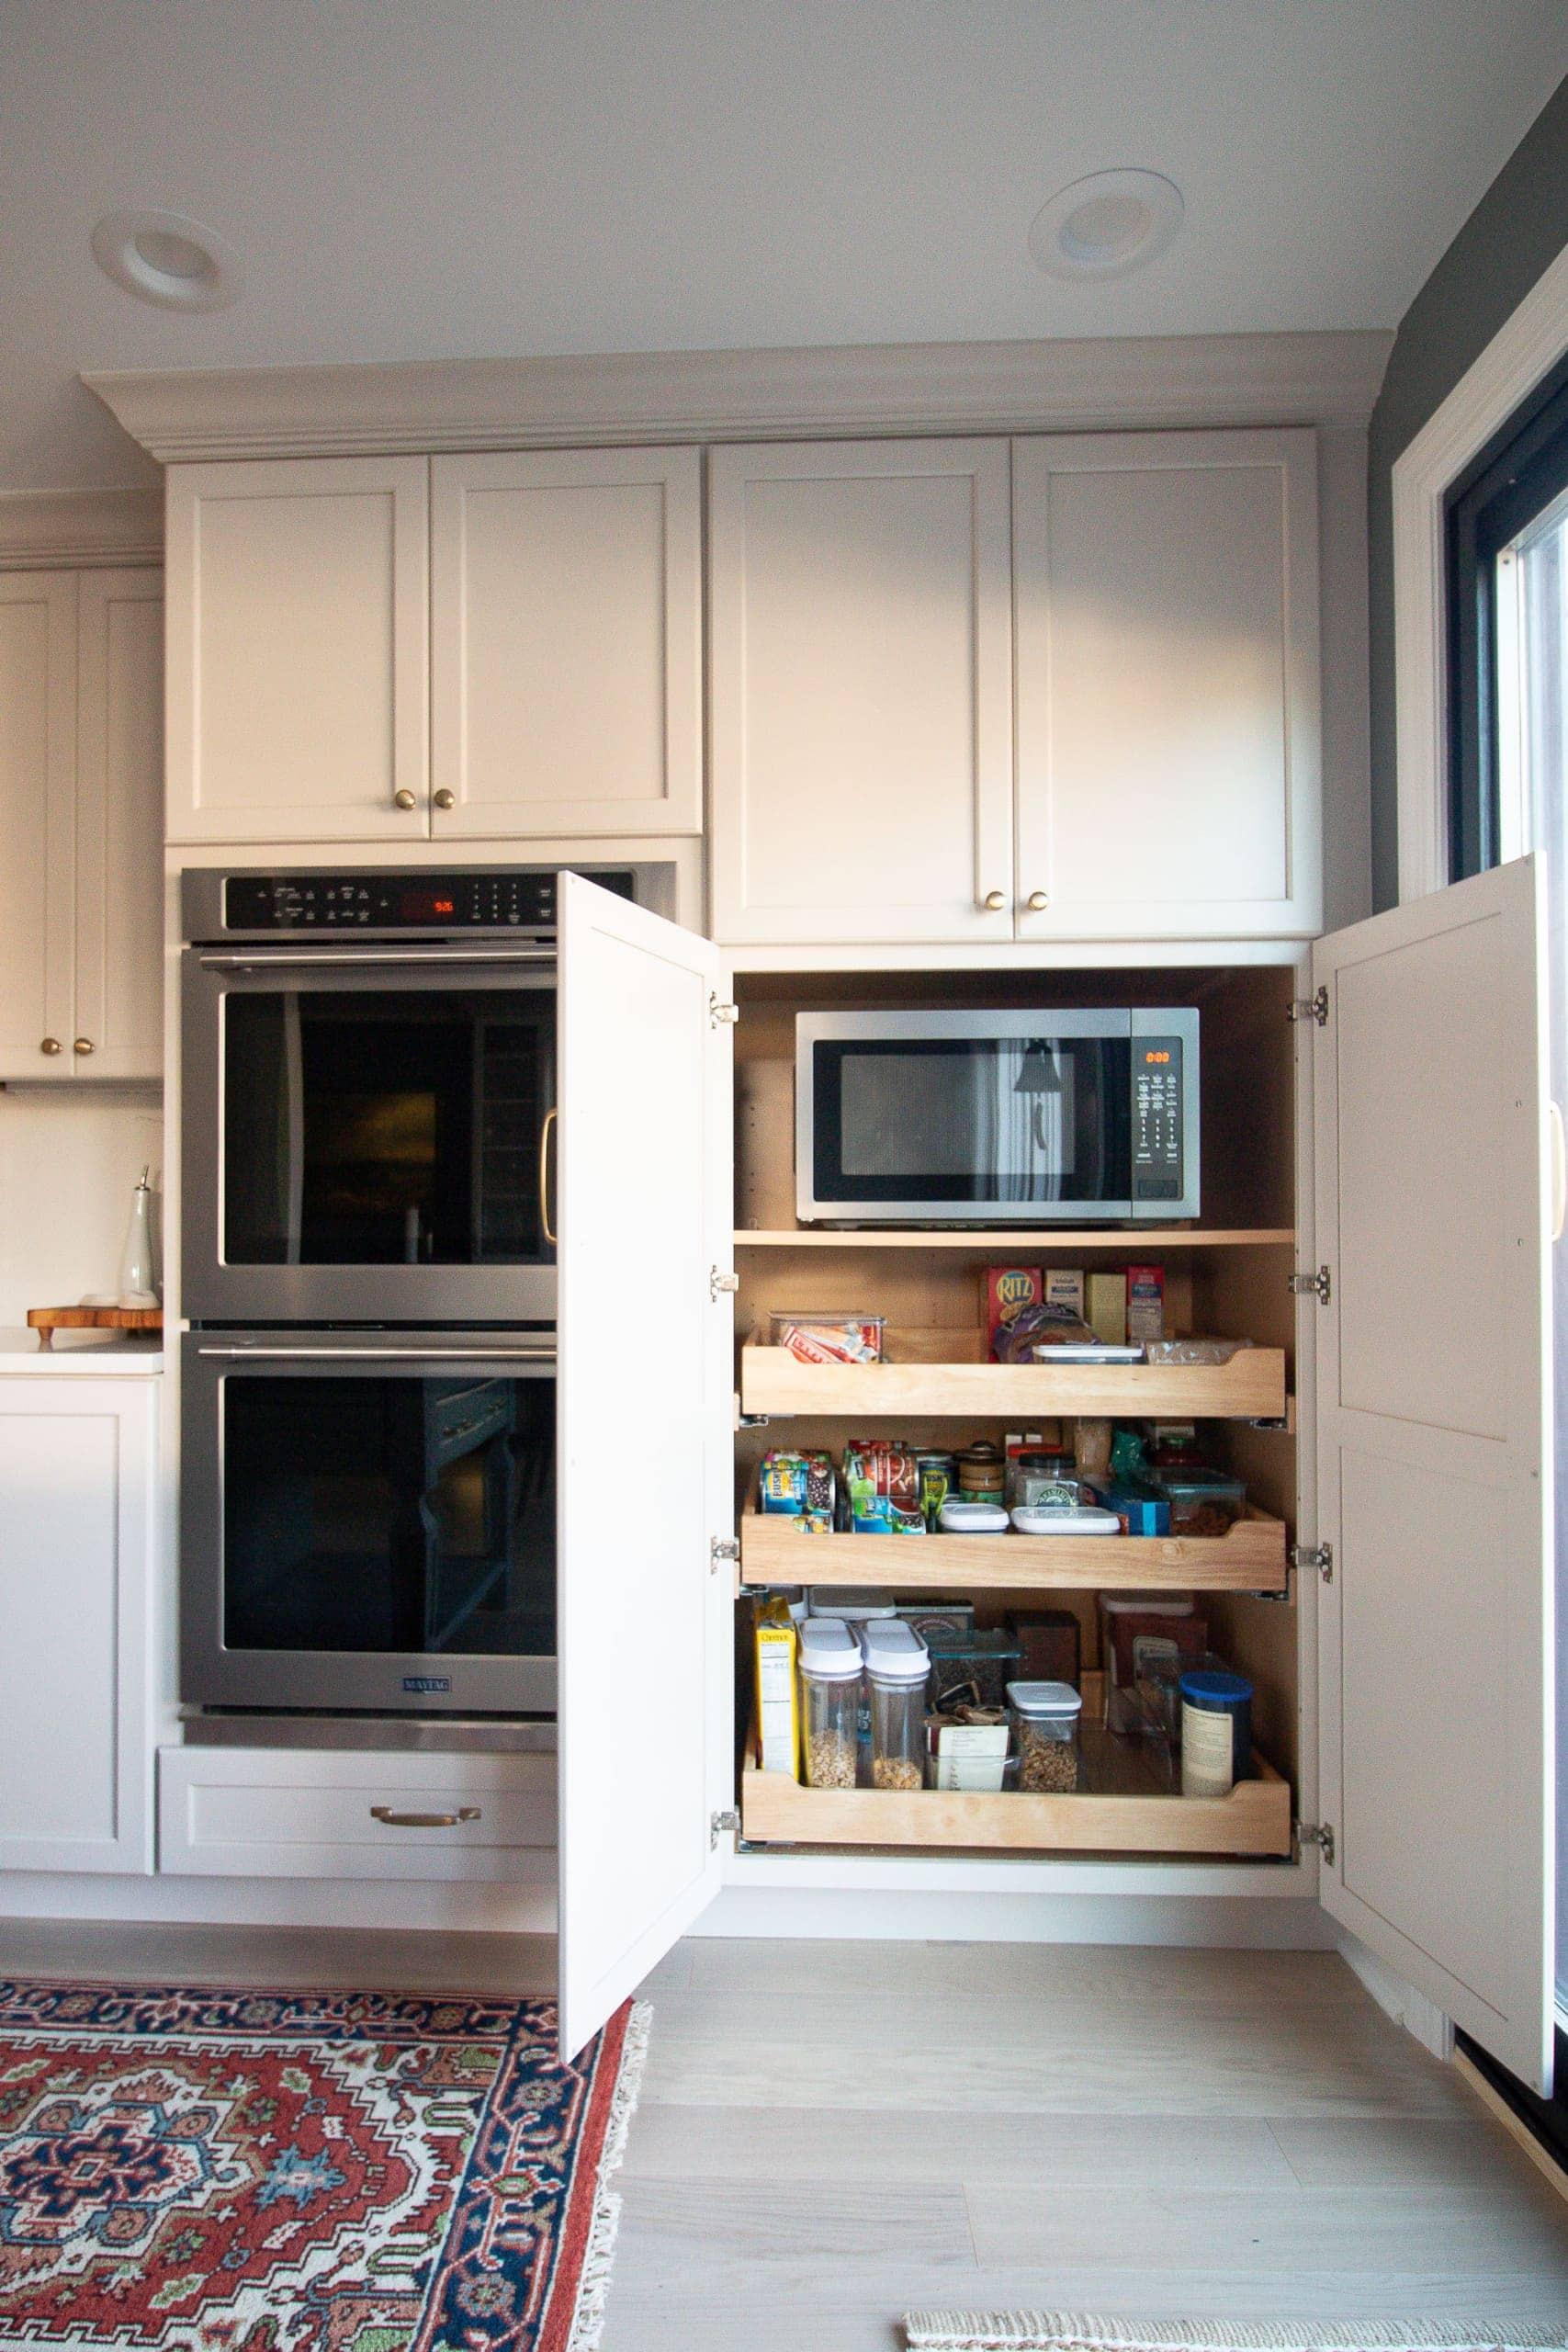 Our hidden microwave